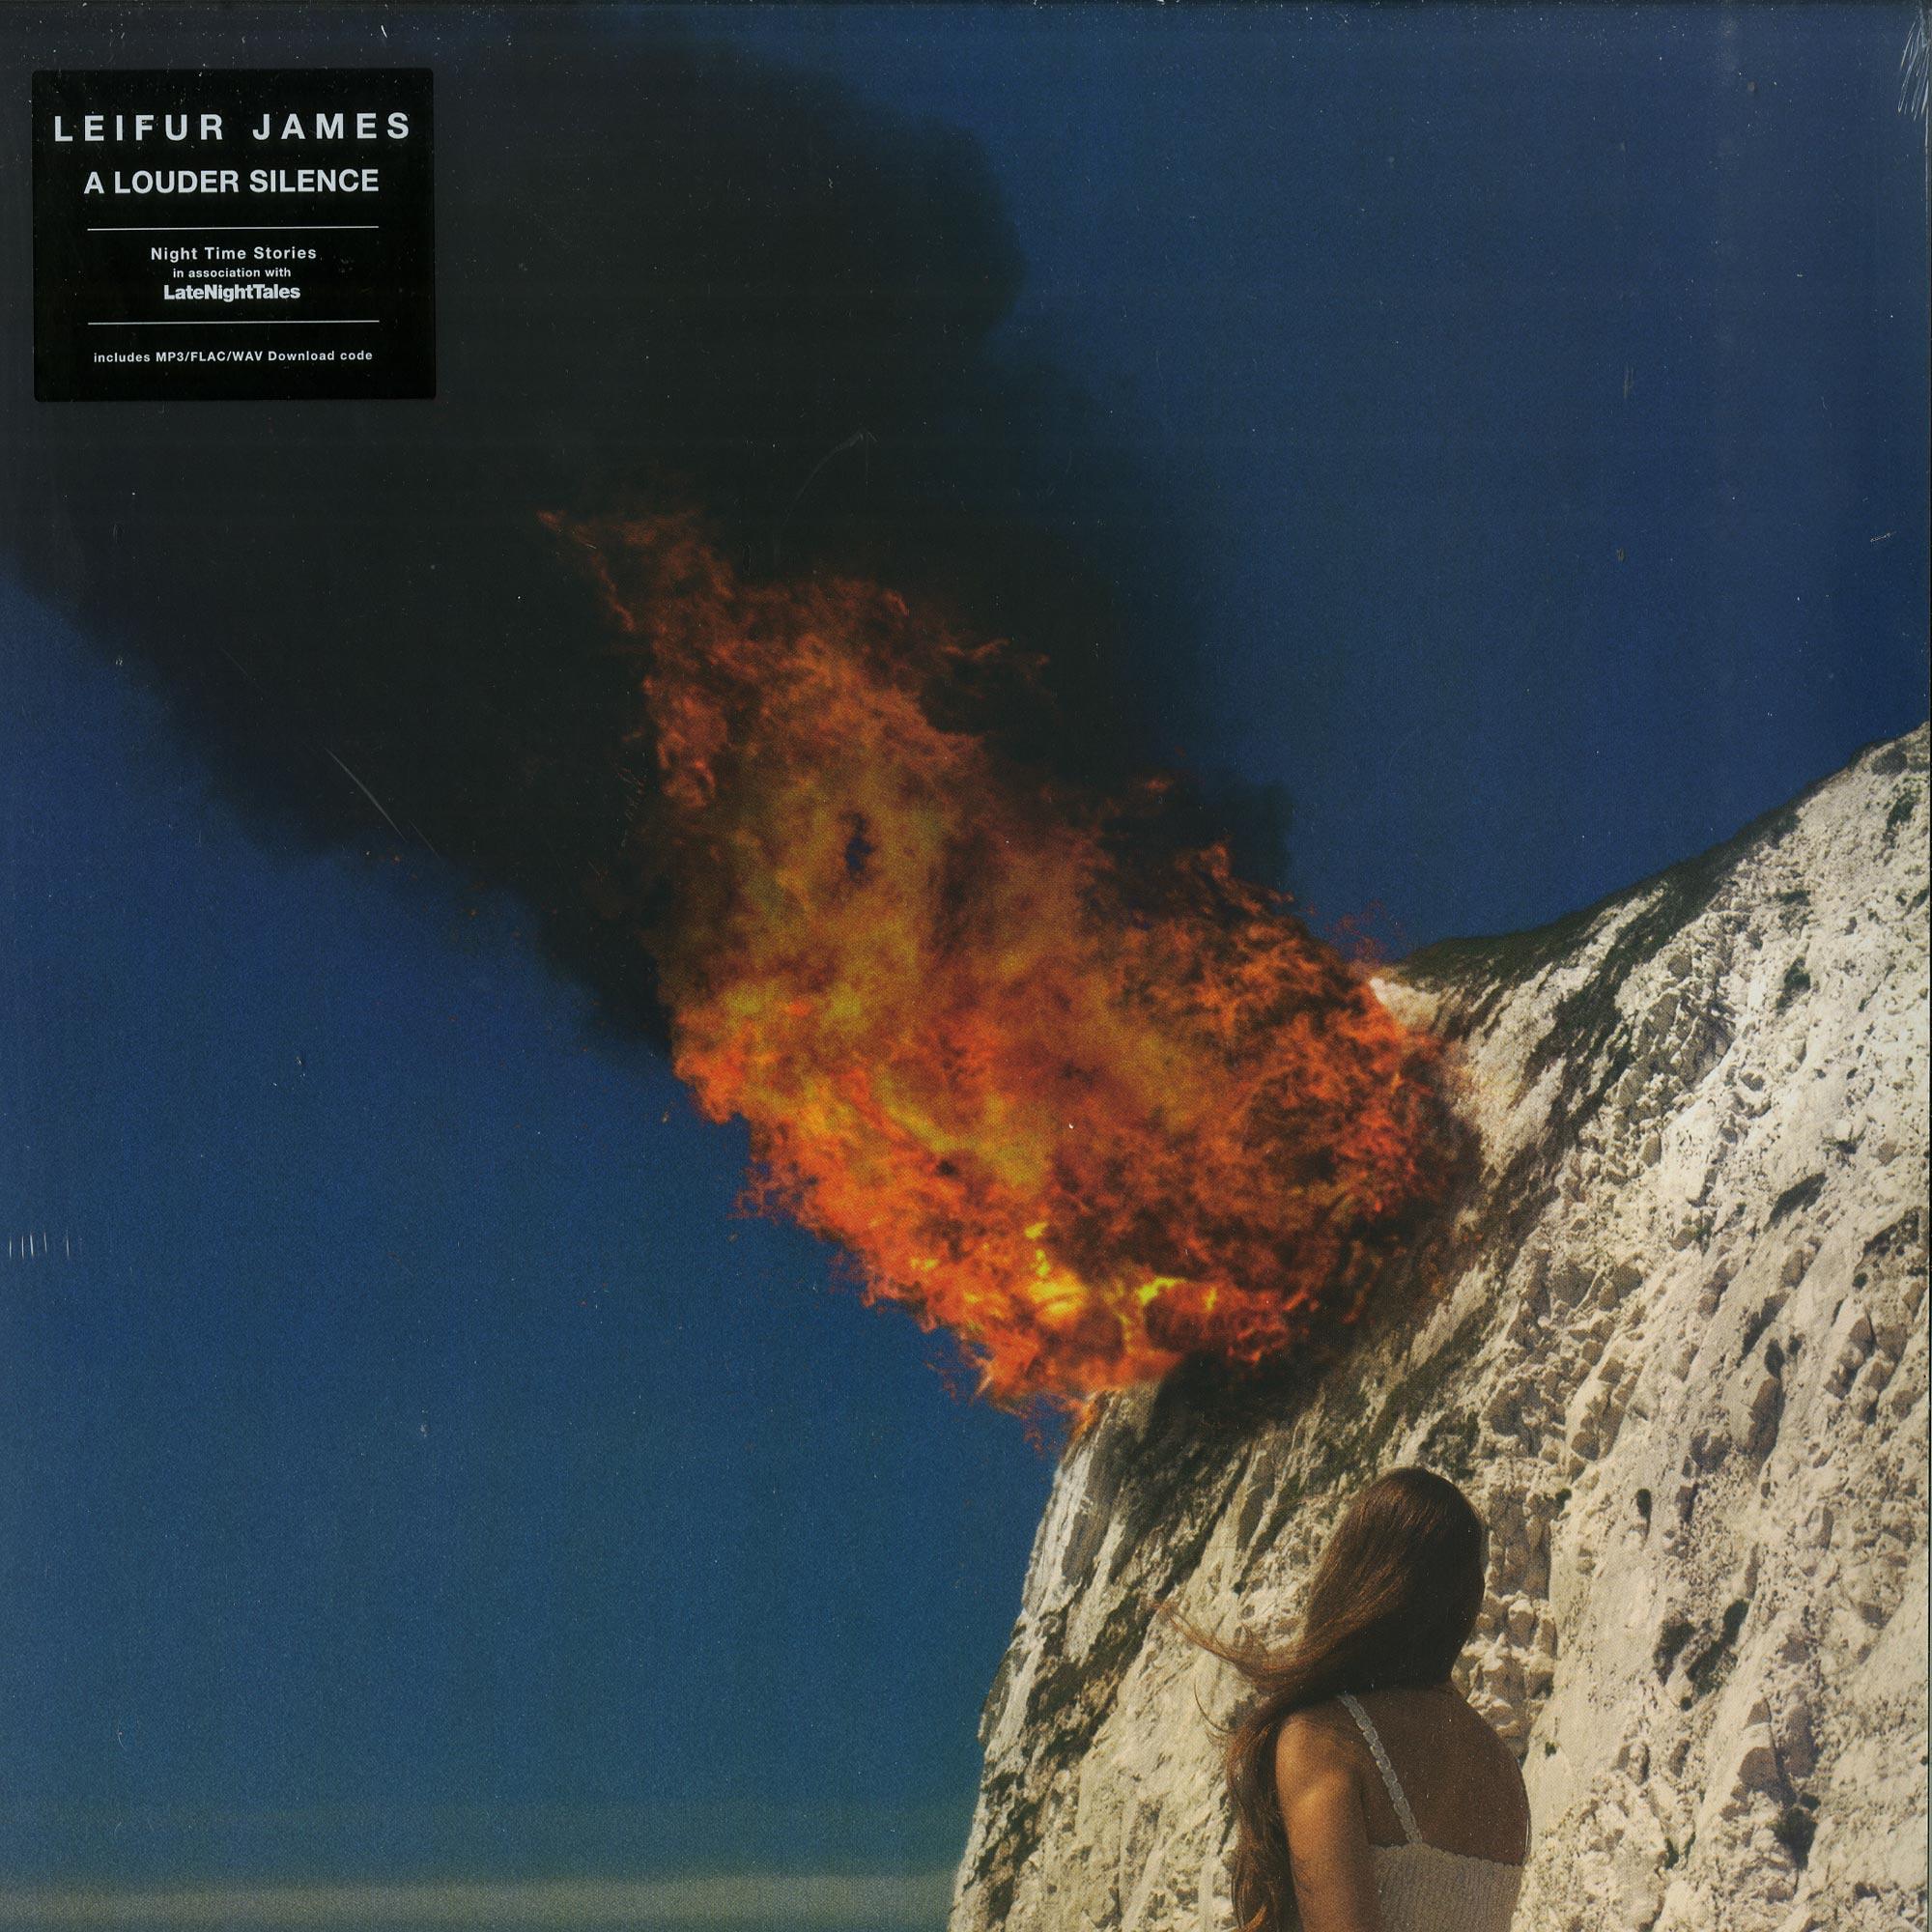 Leifur James - A LOUDER SILENCE